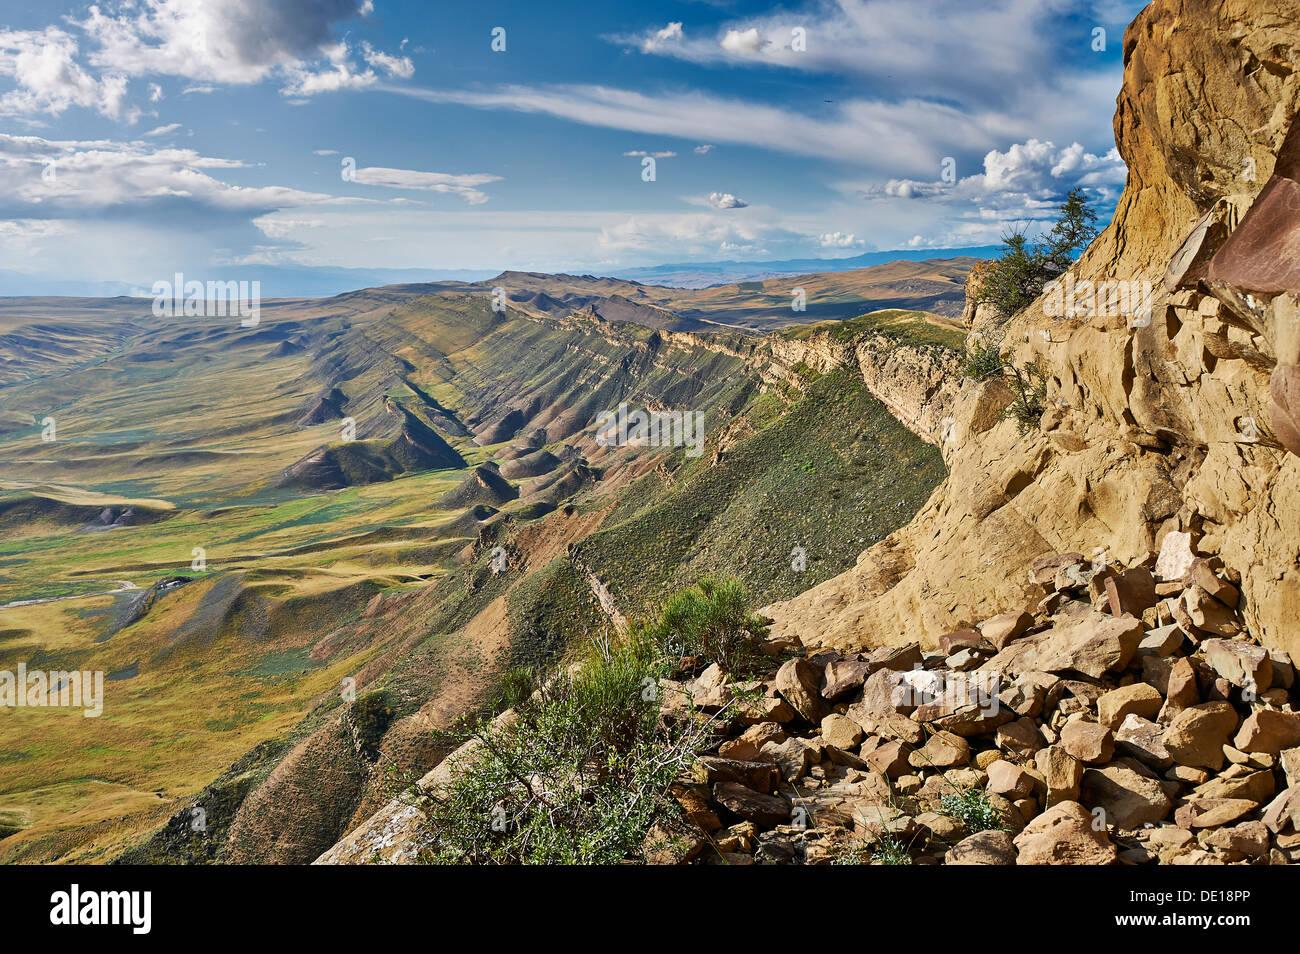 Deserted Landscape At The Azerbaijan Border David Gareja Georgia Stock Photo Alamy